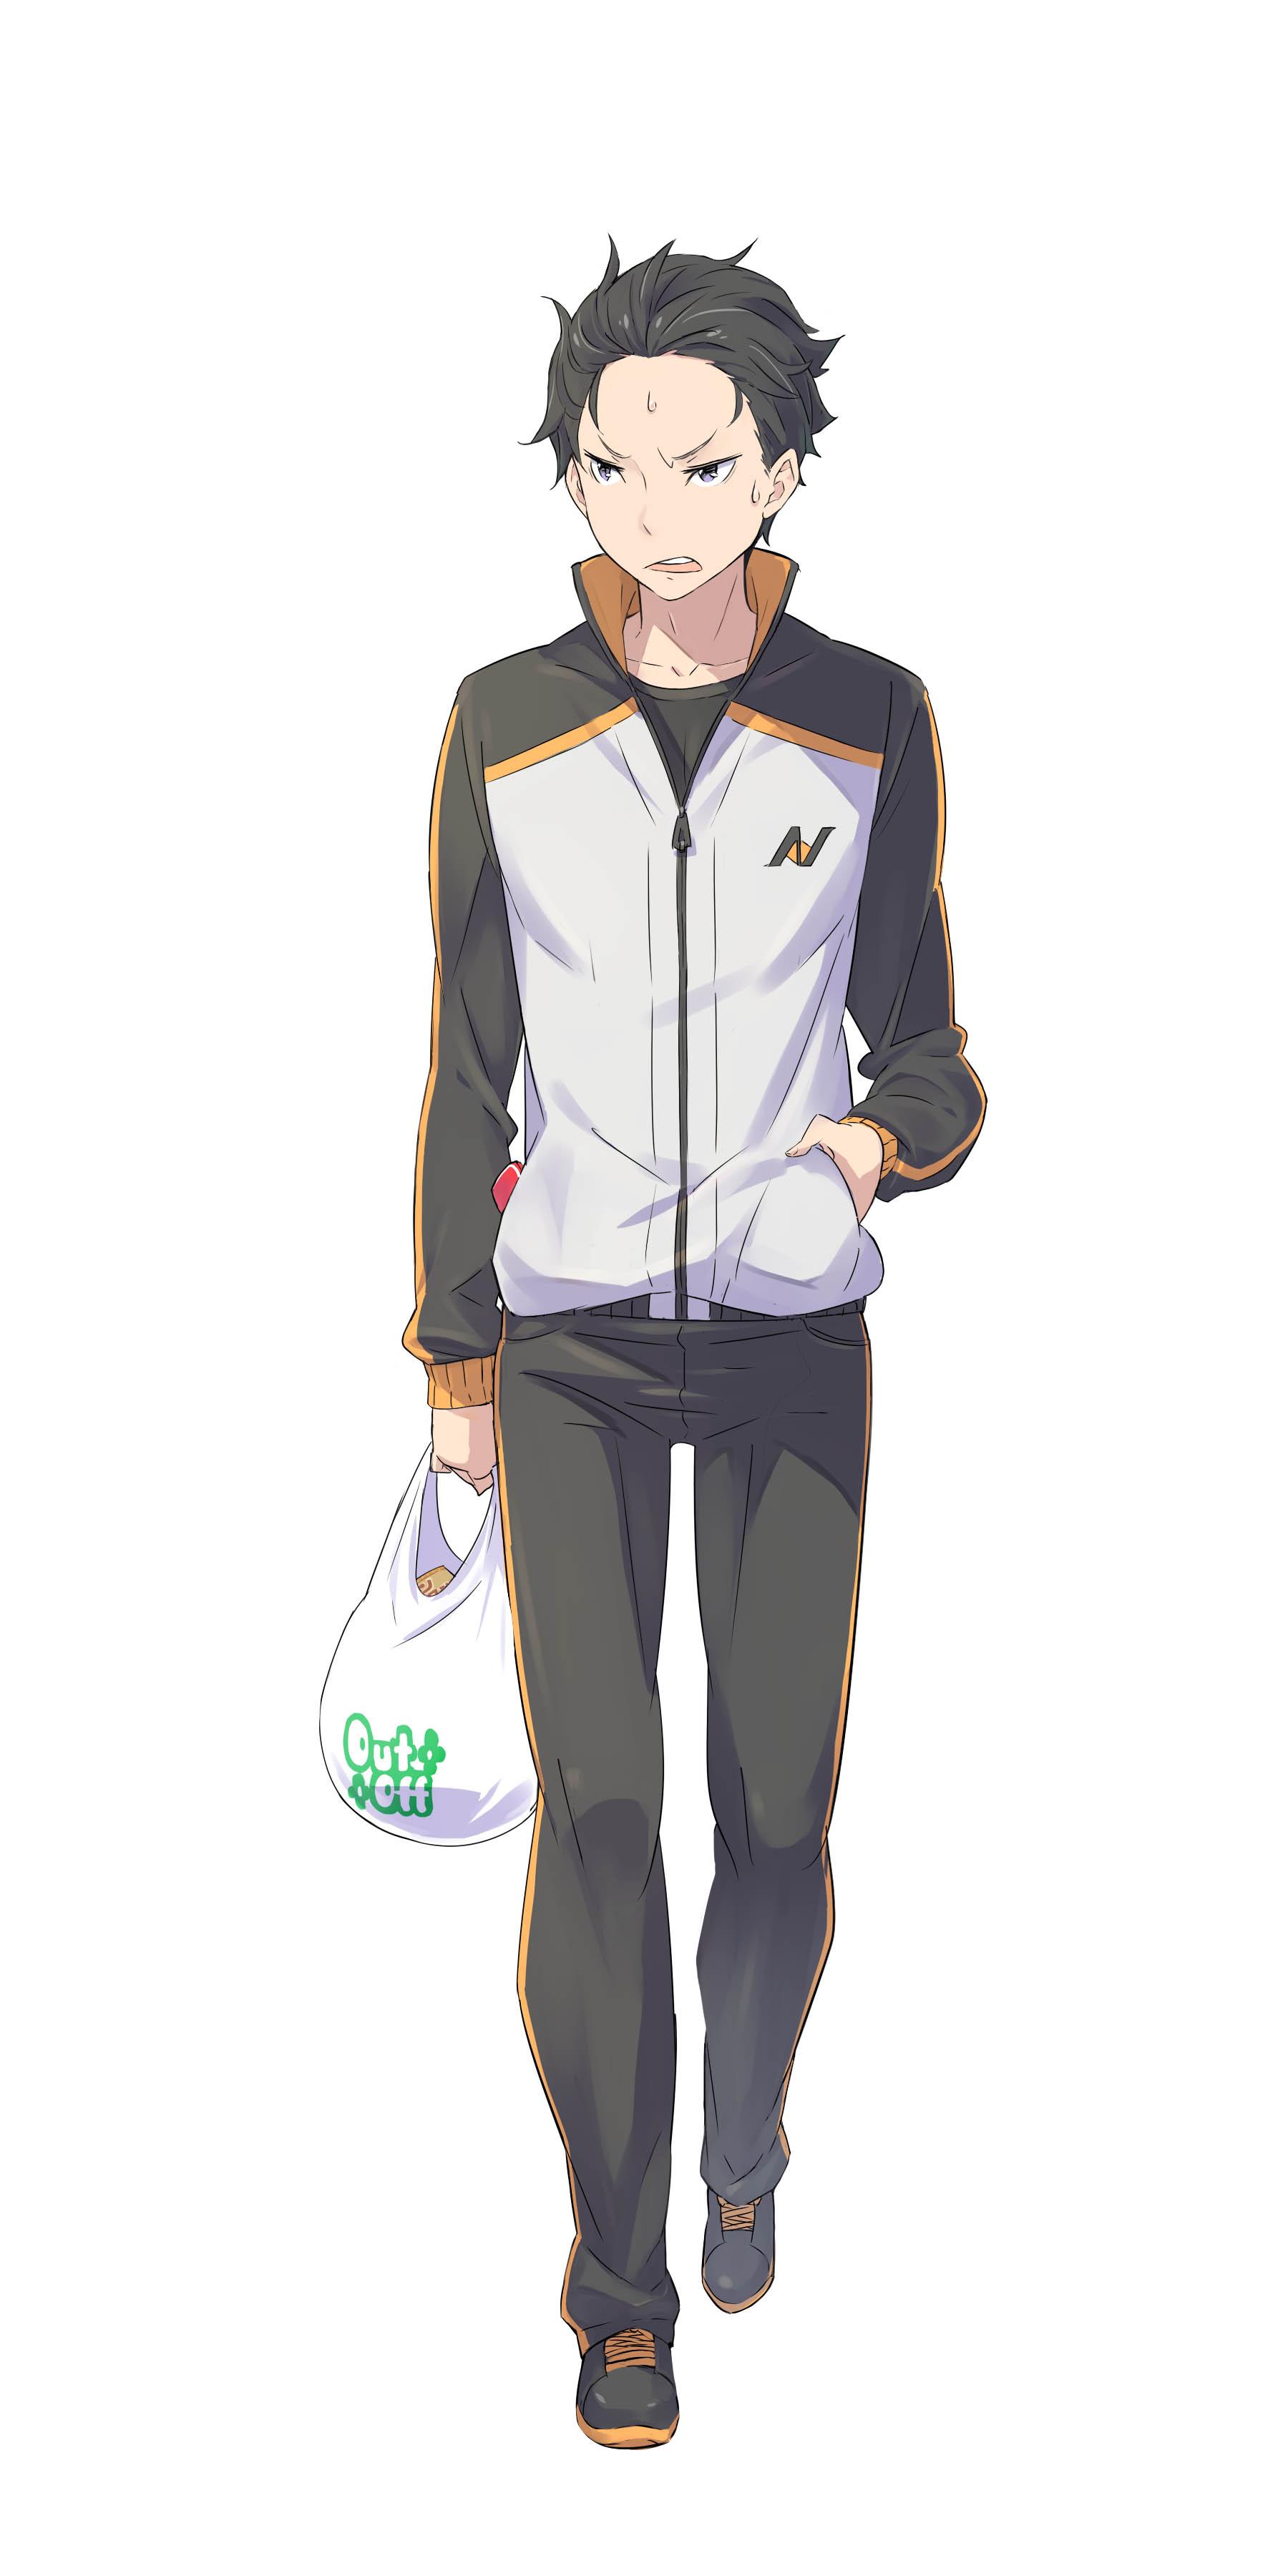 Natsuki Subaru Re Zero Wiki Fandom